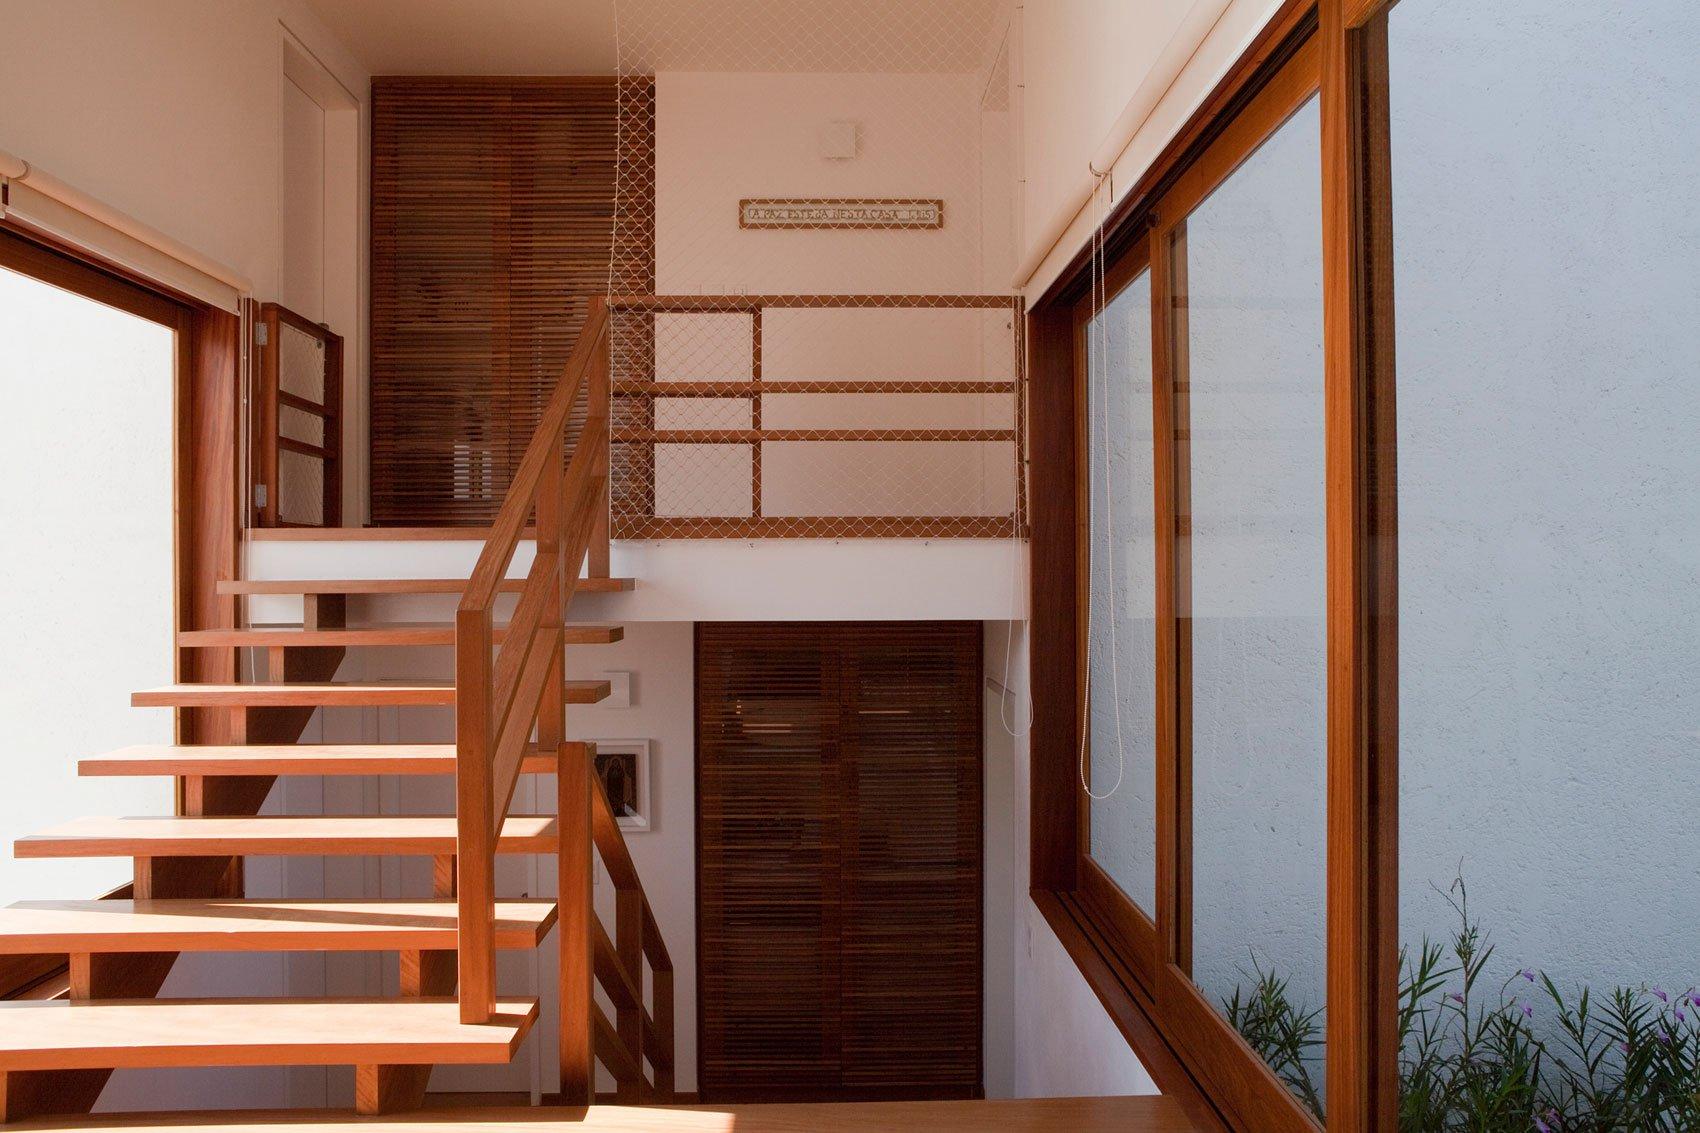 Casa de campo de madera y hormig n de 280 metros cuadrados for Escalera de jardin de madera